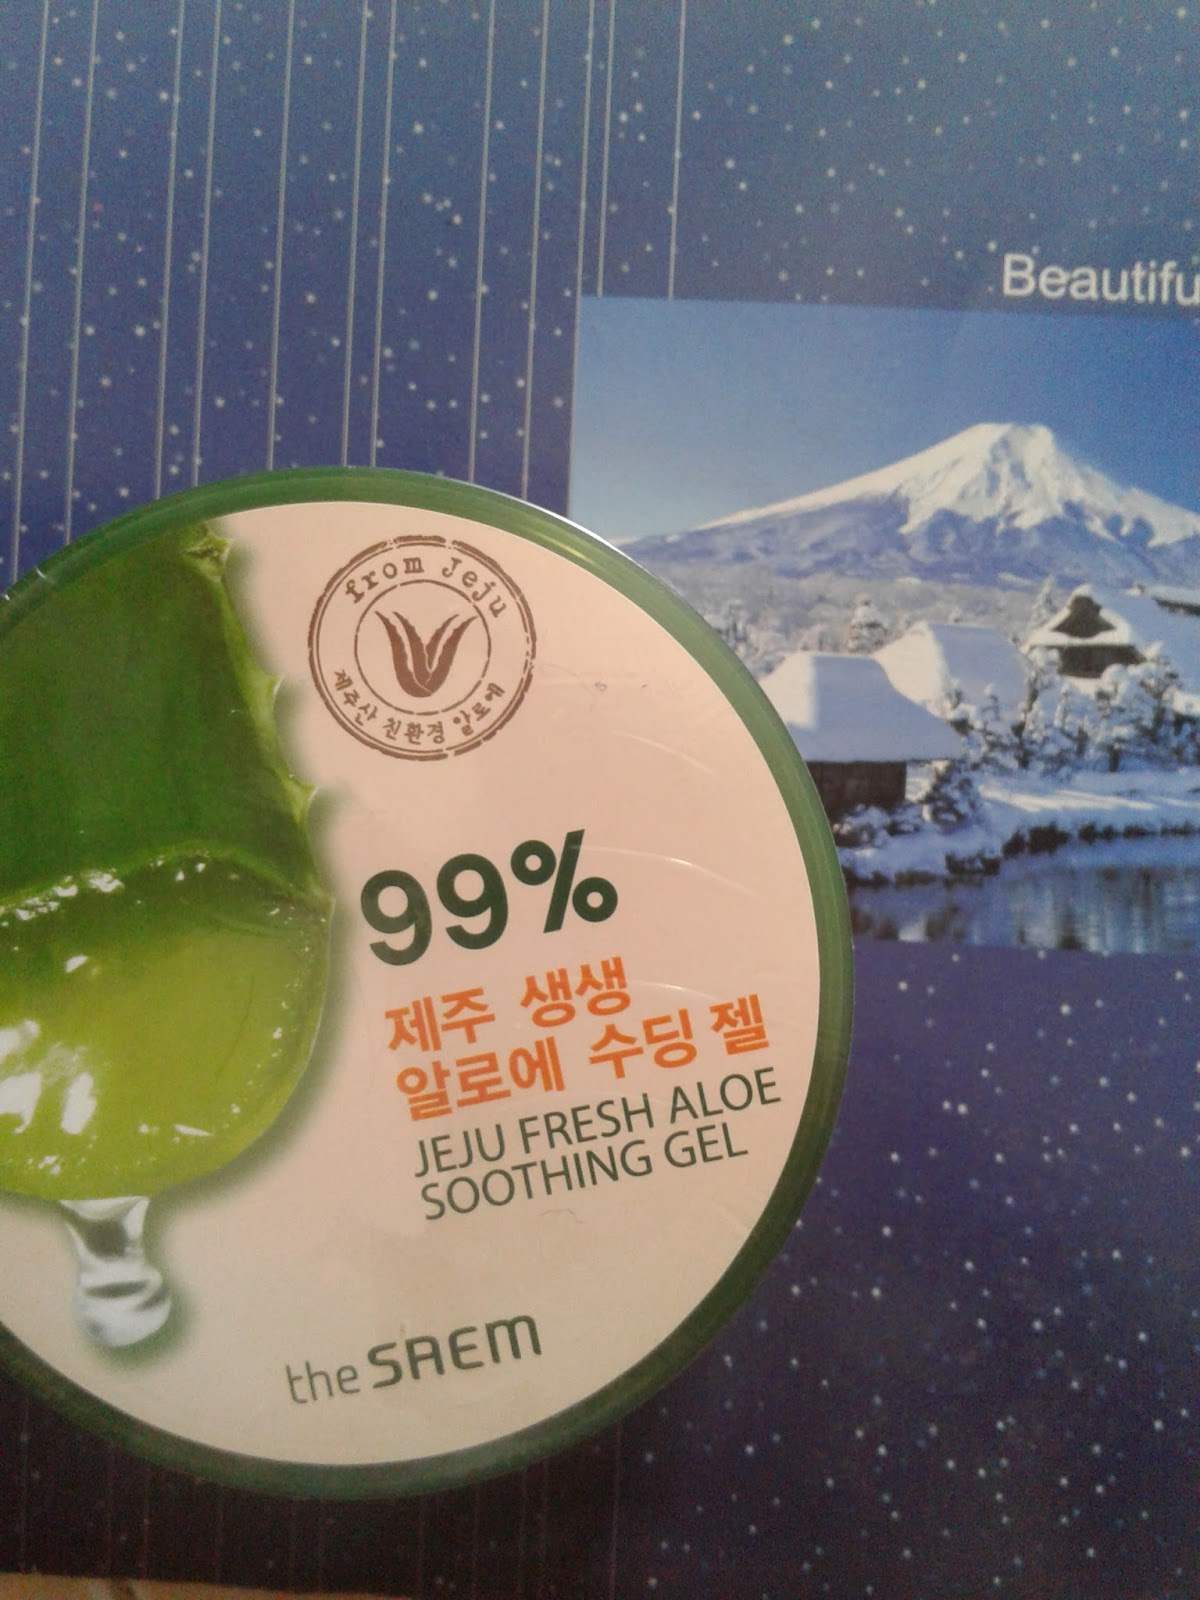 Review The Saem Jeju Fresh Aloe Vera Soothing Gel Soothng Jadi Seperti Itulah Penampakan Nya Dari Packaging Mirip Lainnya Dalam Ukuran 300ml